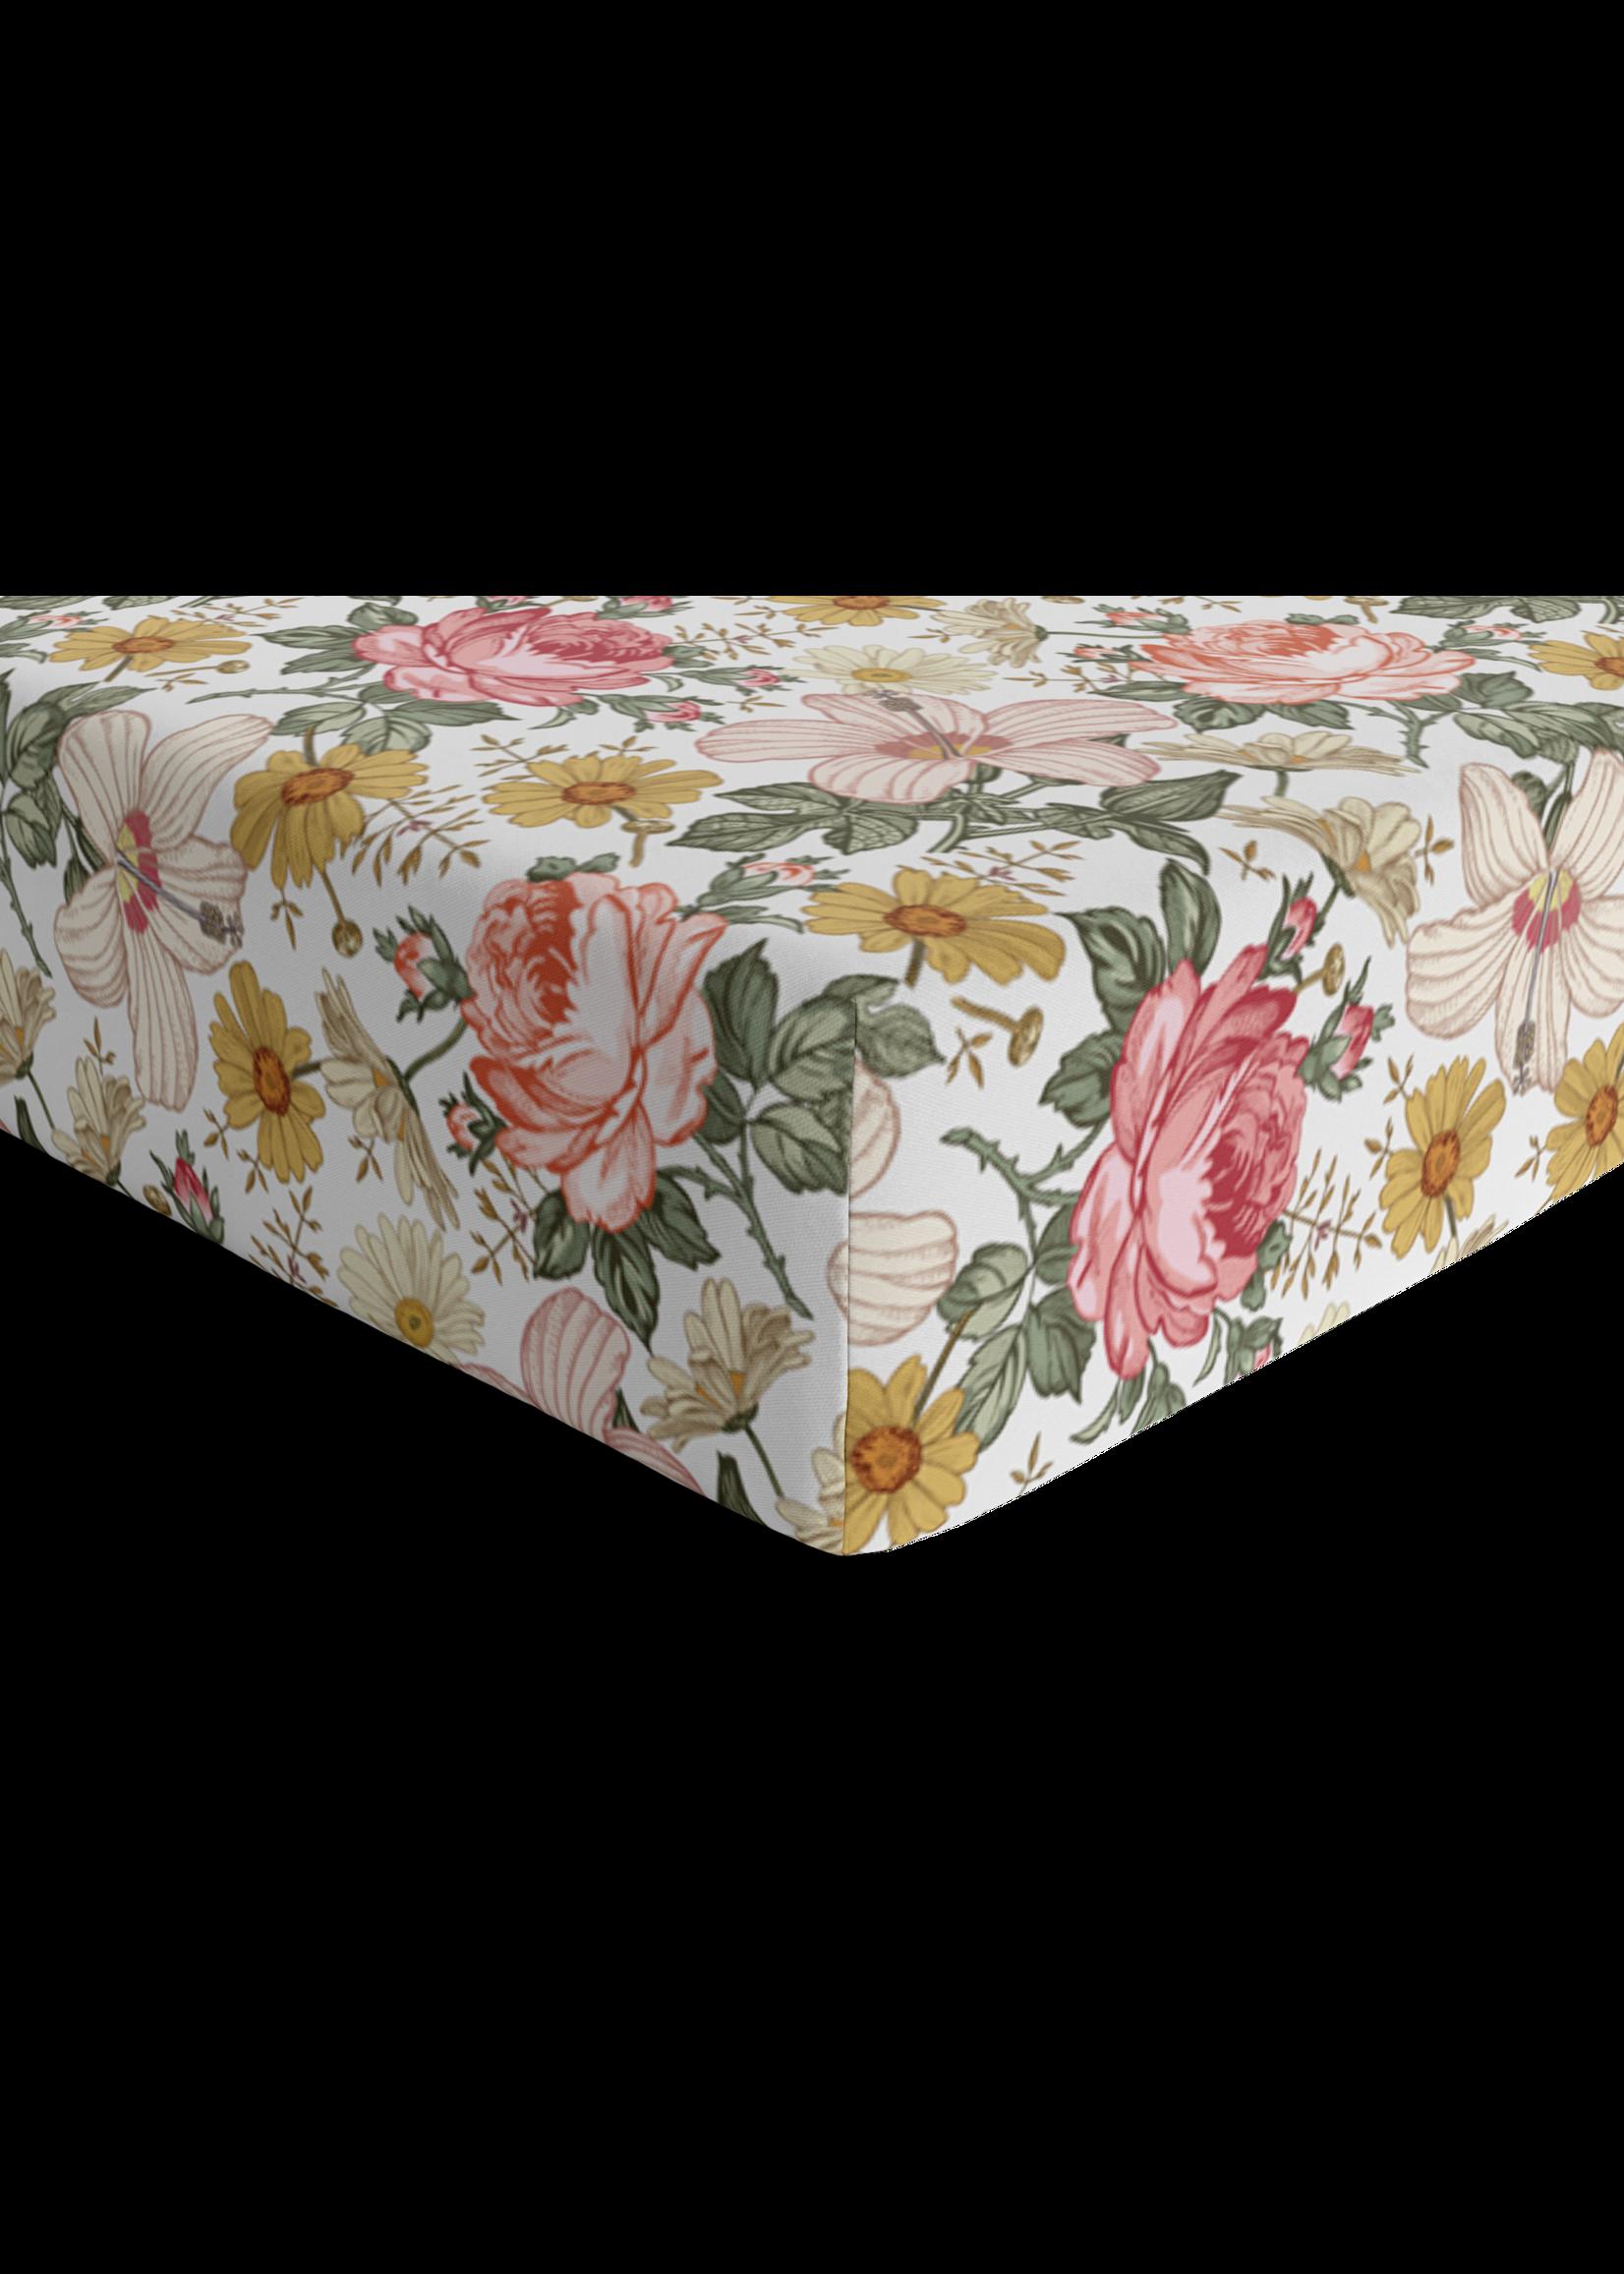 The mini scout Drap contour de bassinette Garden floral White